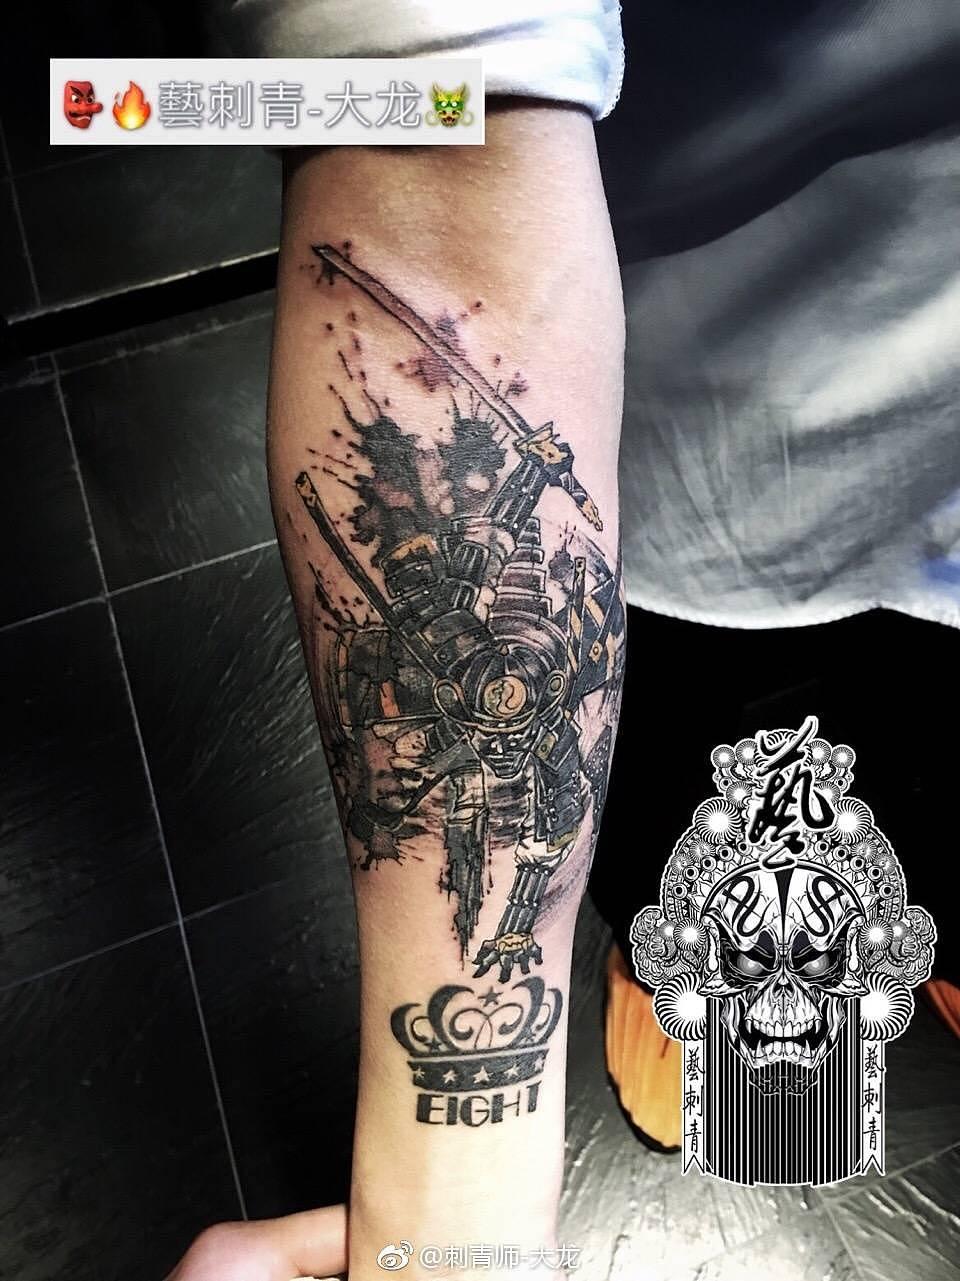 武士纹身(遮盖)#北京文身##刺青师大龙##刺青